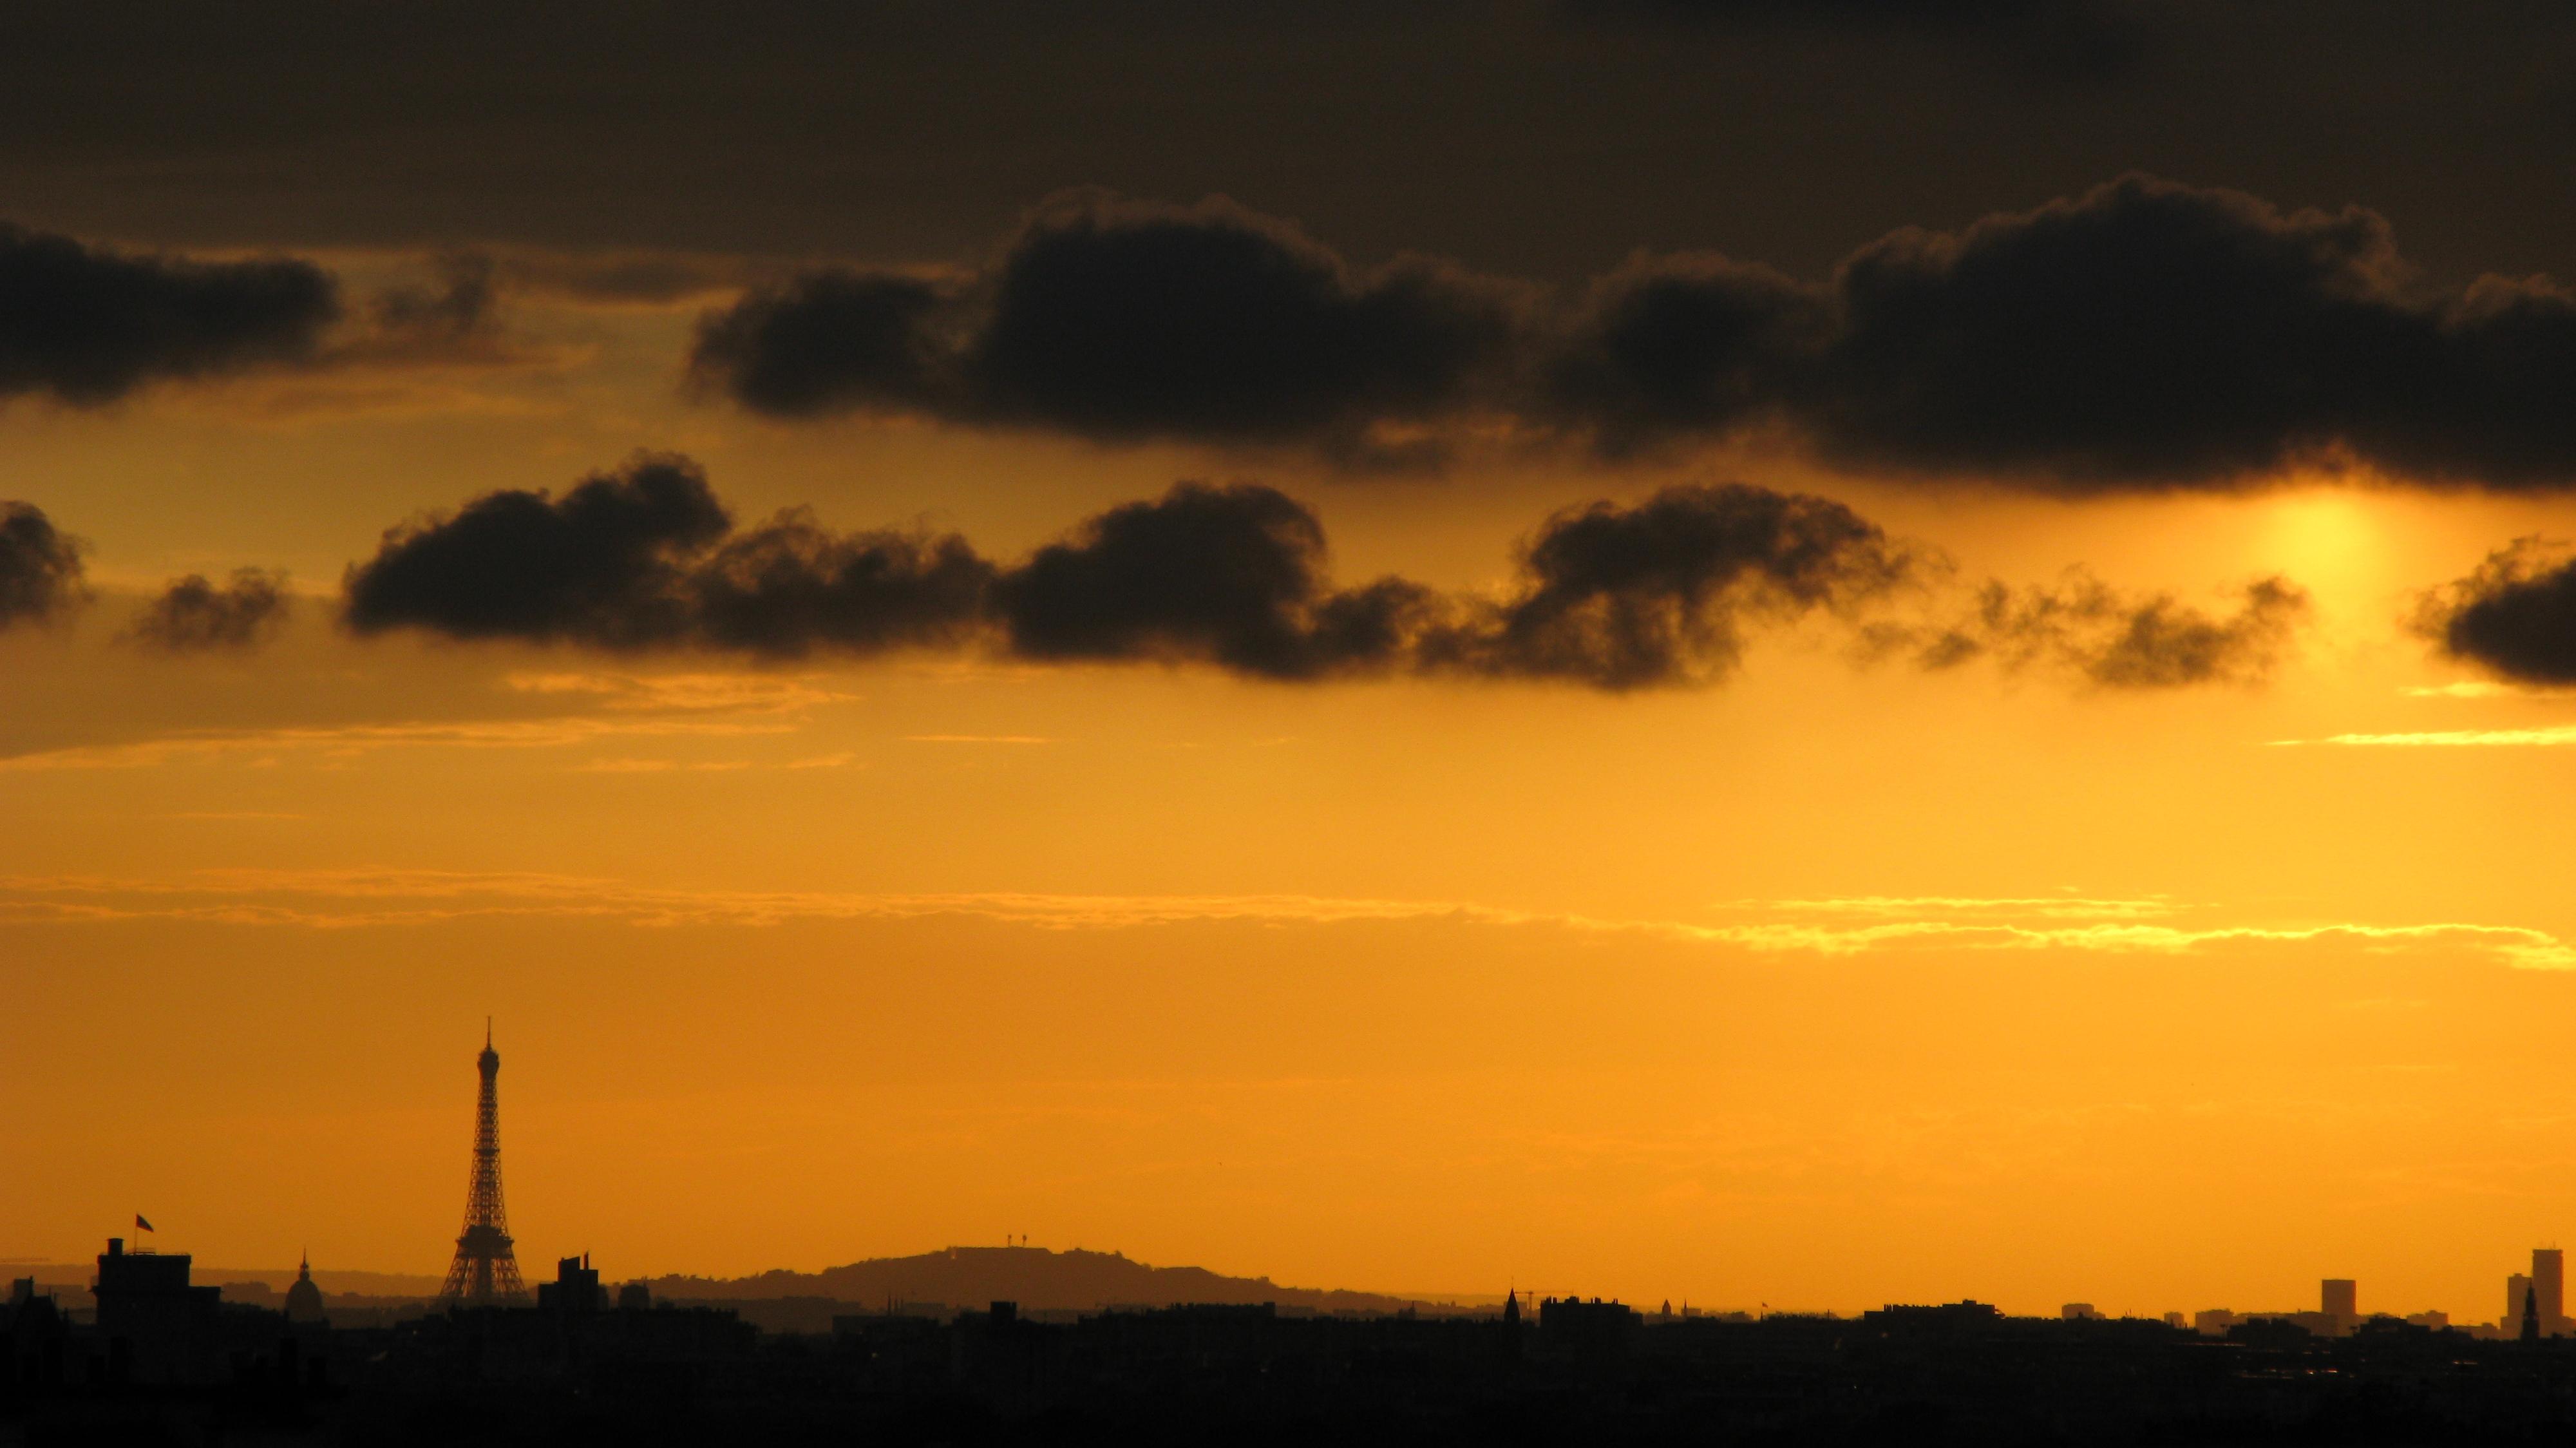 File coucher de soleil sur paris vu de nogent sur marne jpg wikimedia commons - Coucher de soleil sur paris ...